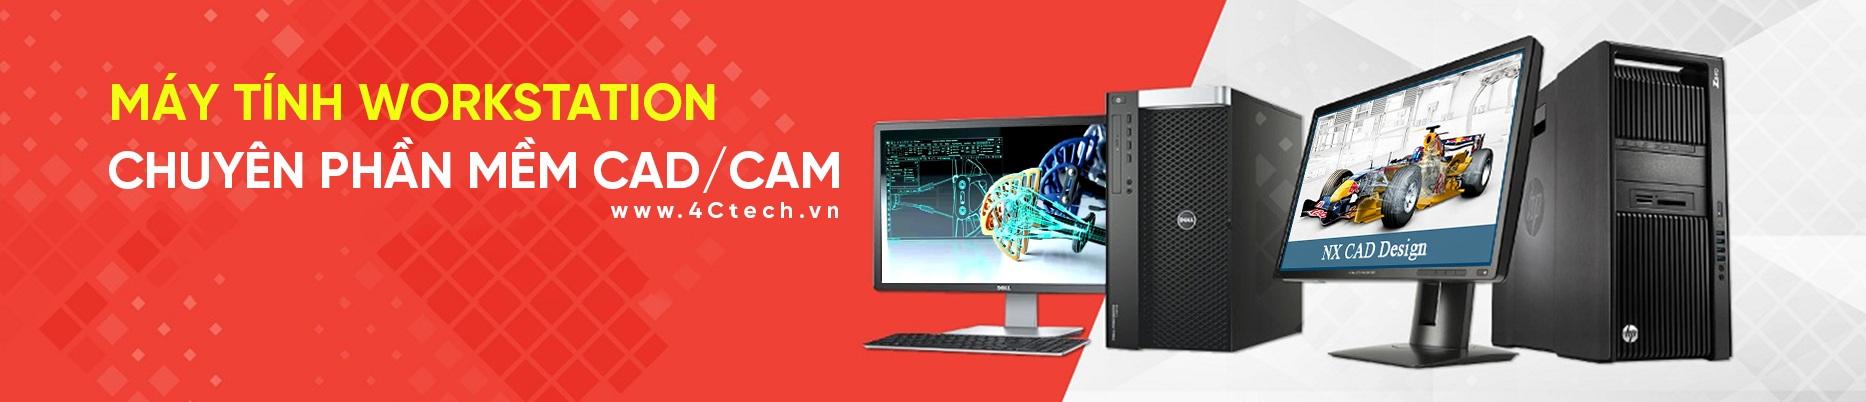 Máy Tính HP Workstation Chuyên Phần Mềm CAD/CAM Z4 G4